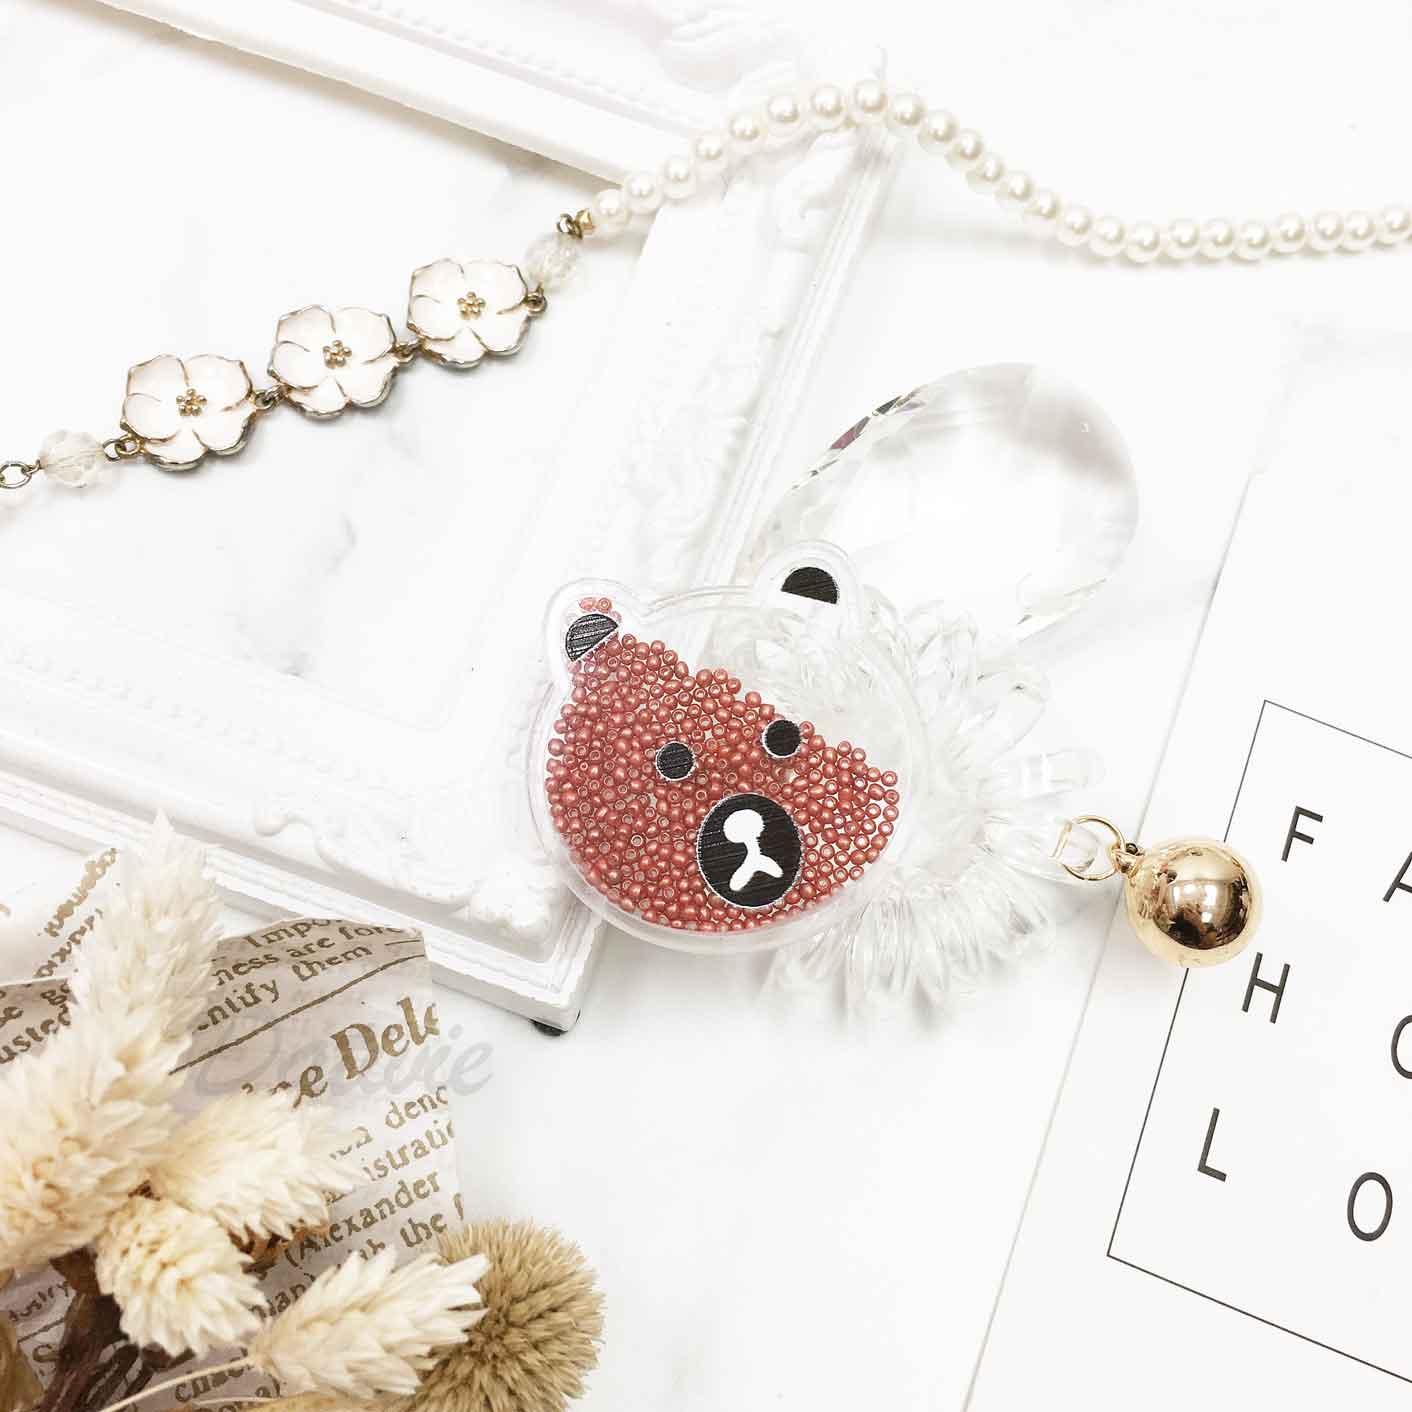 可愛熊熊 小熊臉 小珠珠 夾心 鈴鐺 透明 電話線 髮飾 髮束 髮圈